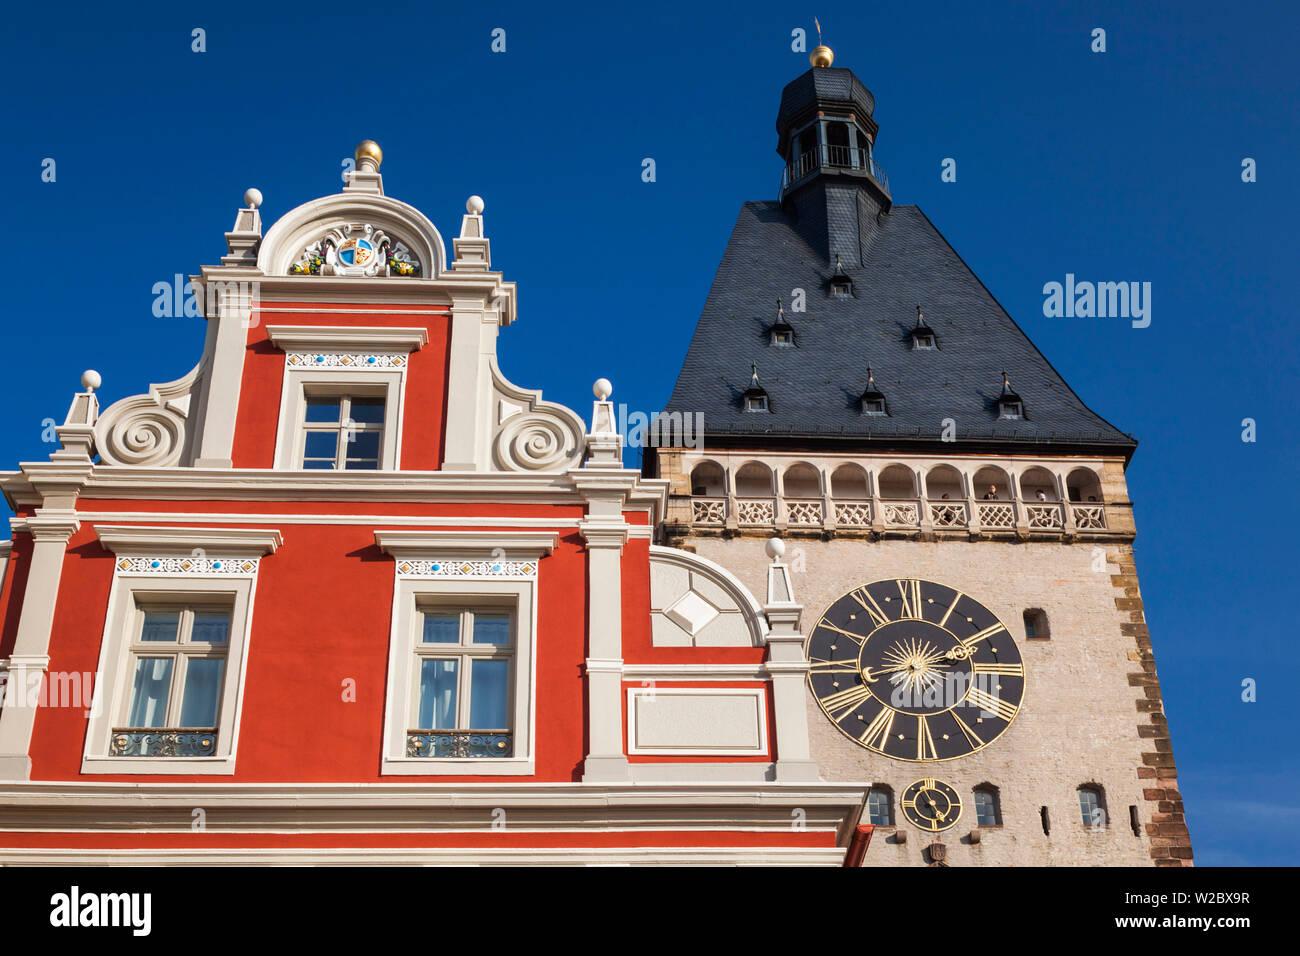 Germany, Rheinland-Pfalz, Speyer, Altportel city gate Stock Photo